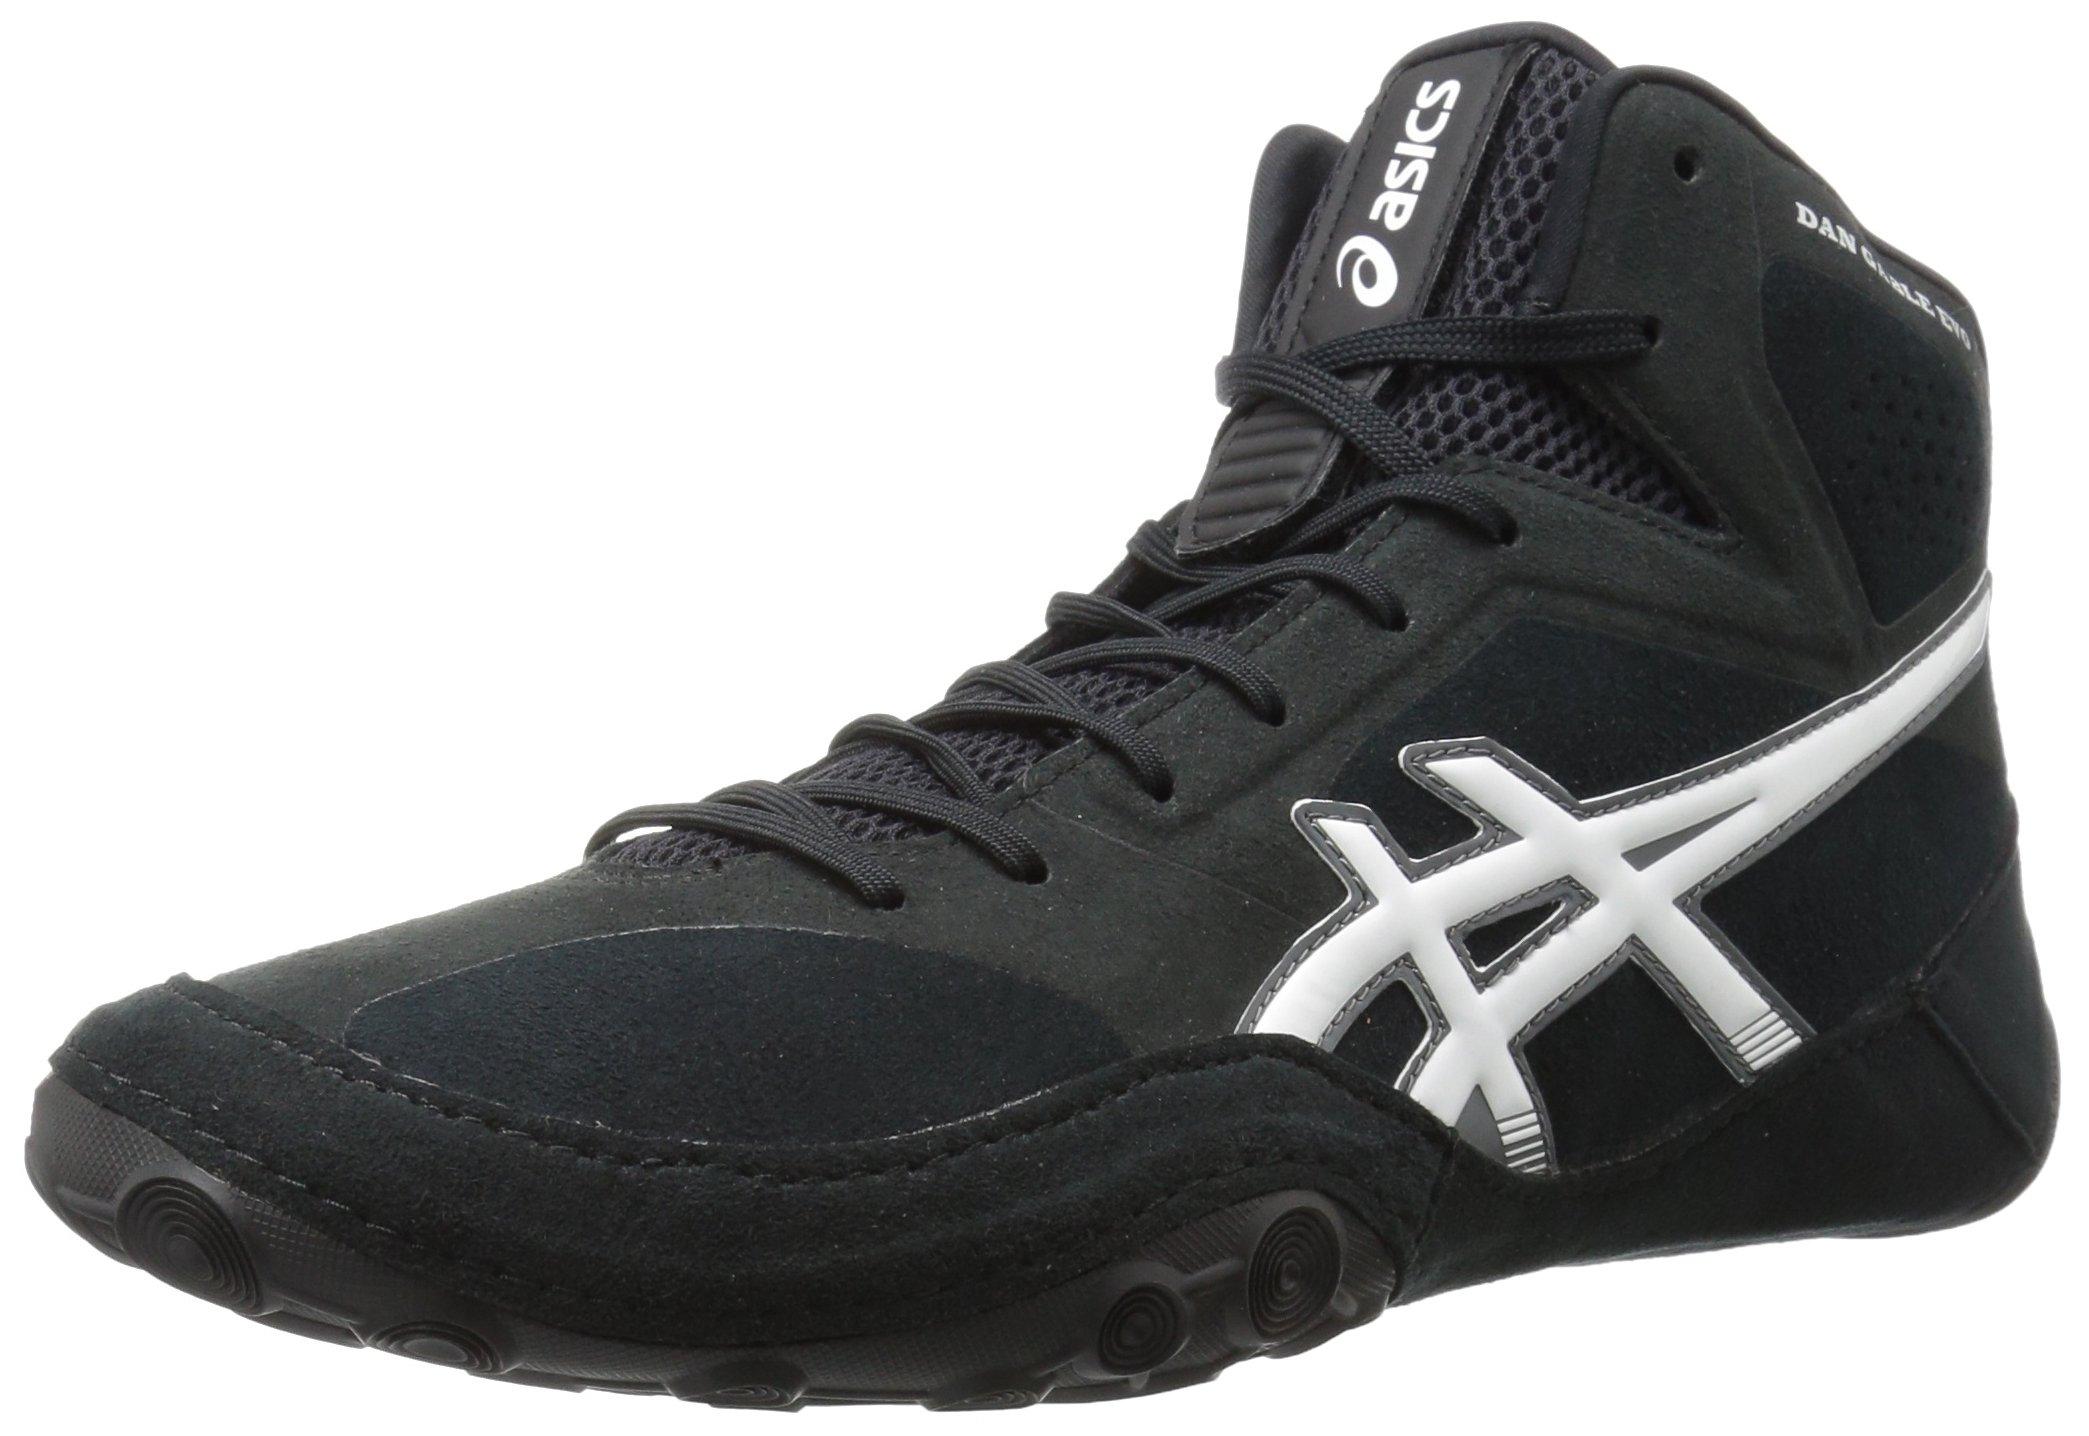 ASICS Mens Dan Gable Evo Wrestling Shoe, Black/White/Carbon, 11.5 Medium US by ASICS